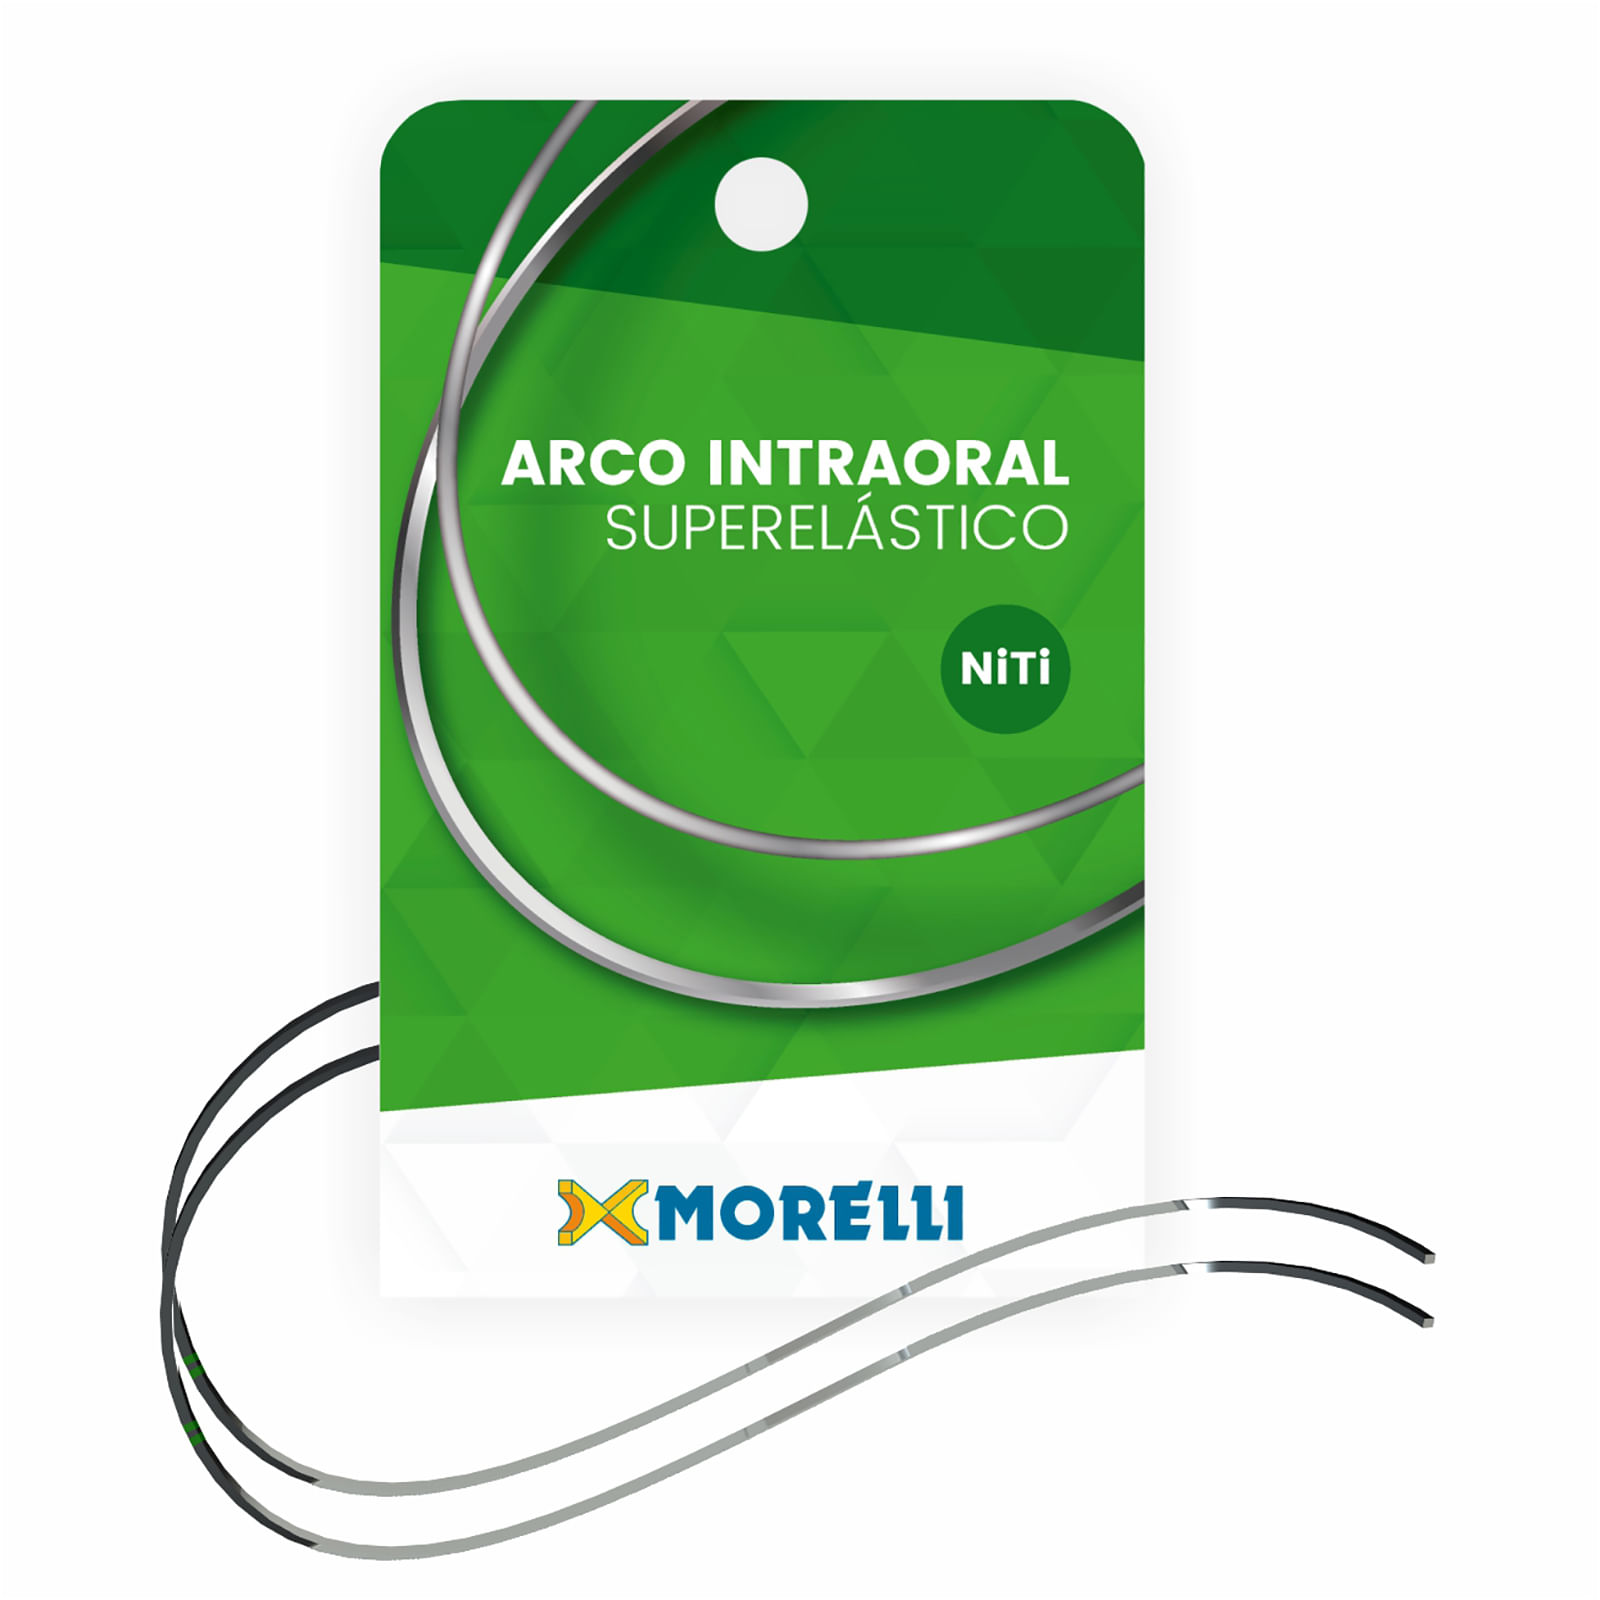 ARCO-NITINOL-SUPERELASTICO-CURVA-REVERSO-MEDIO---INFERIOR---NITI---REDONDO-.014----MORELLI